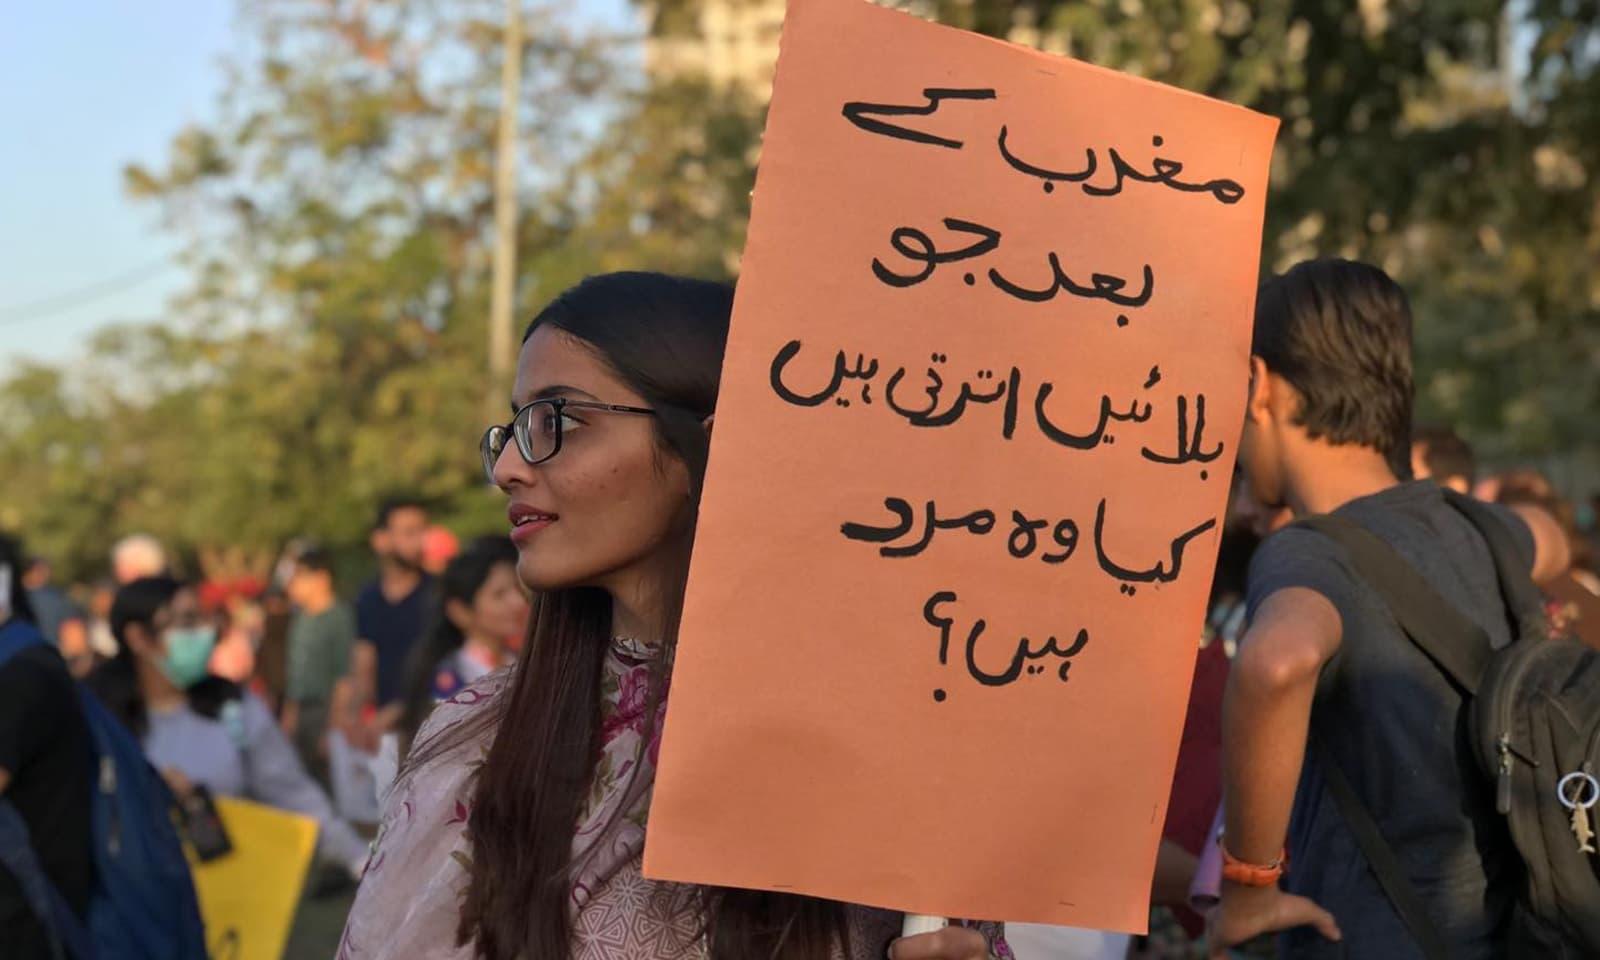 پاکستان کے مختلف شہروں میں خواتین کی بڑی تعداد نے عورت مارچ میں حصہ لیا —فوٹو: عائشہ علی